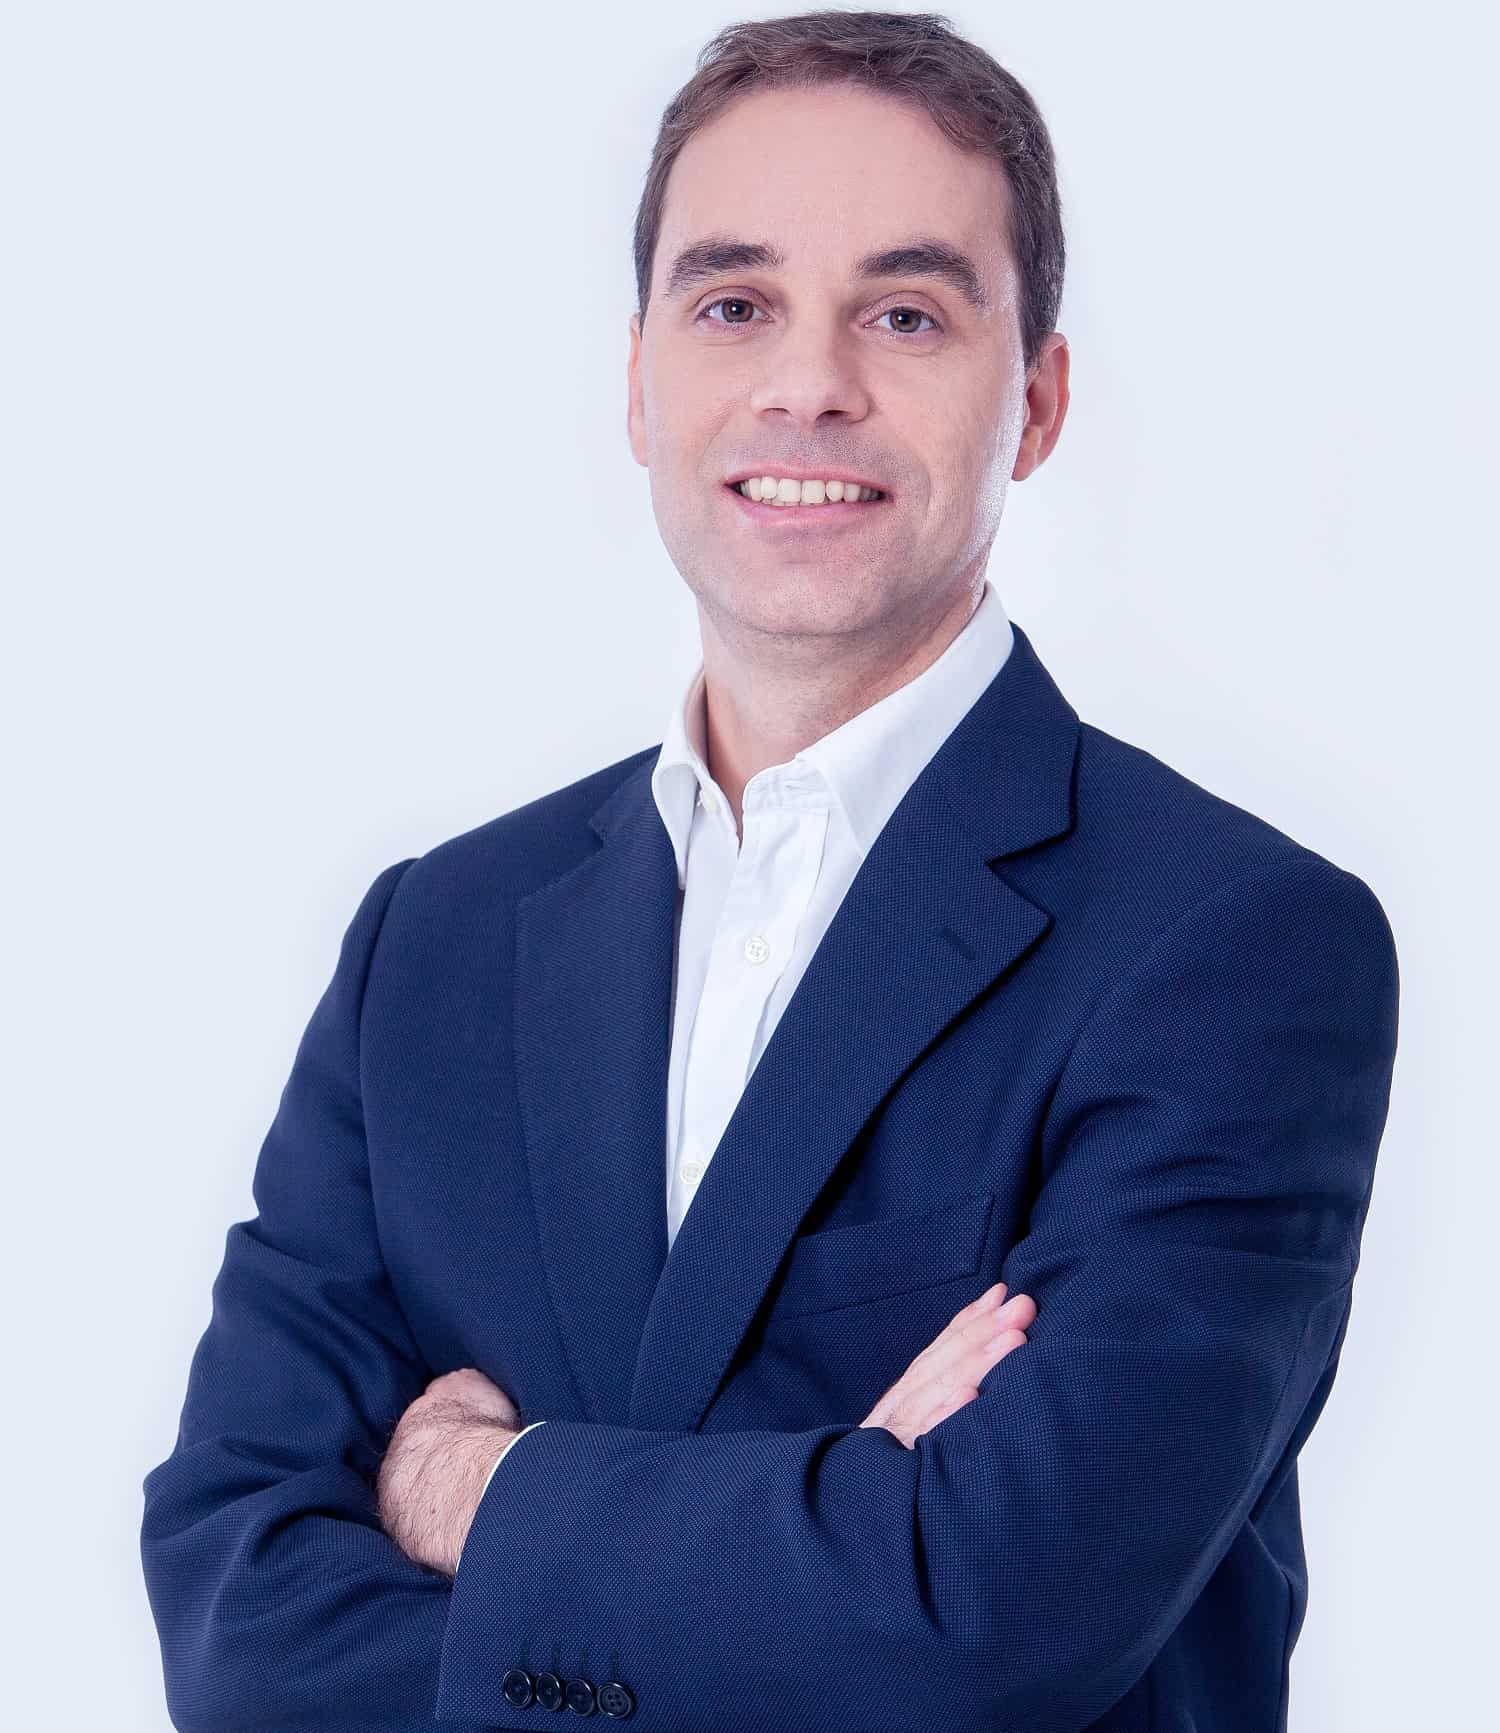 Carlos Venâncio